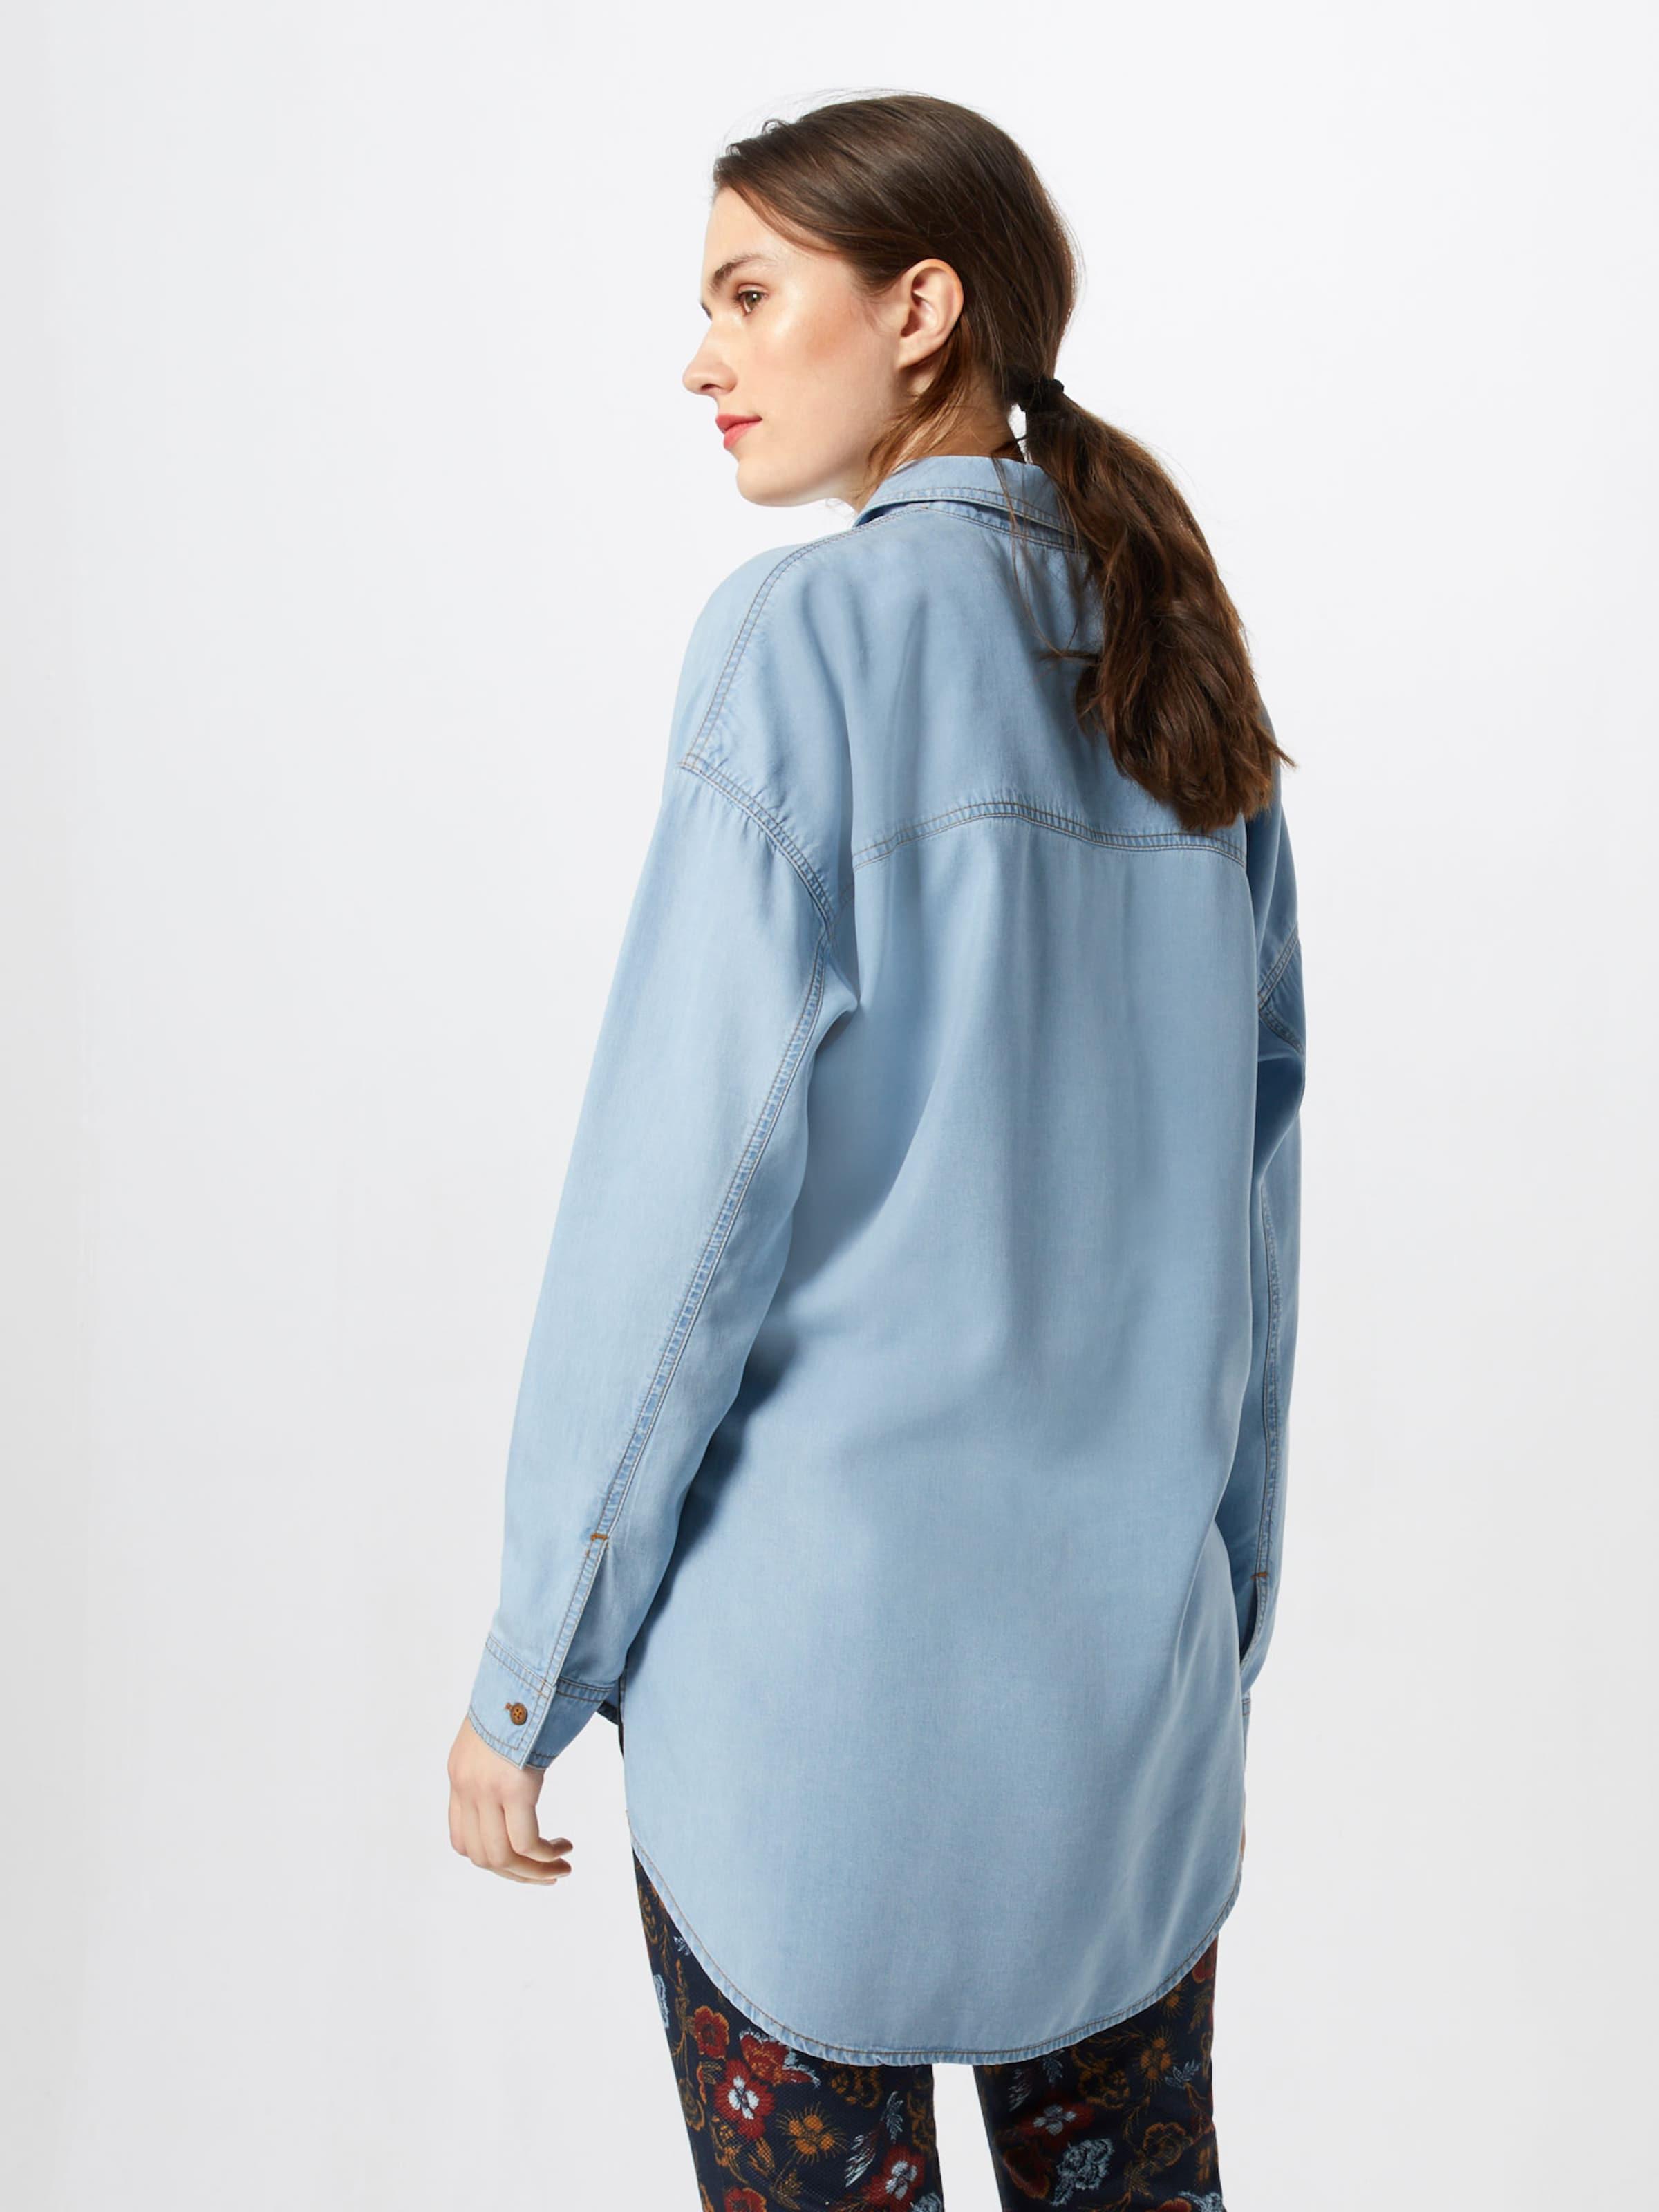 Hellblau Esprit By In Bluse Edc eW29YEDHI